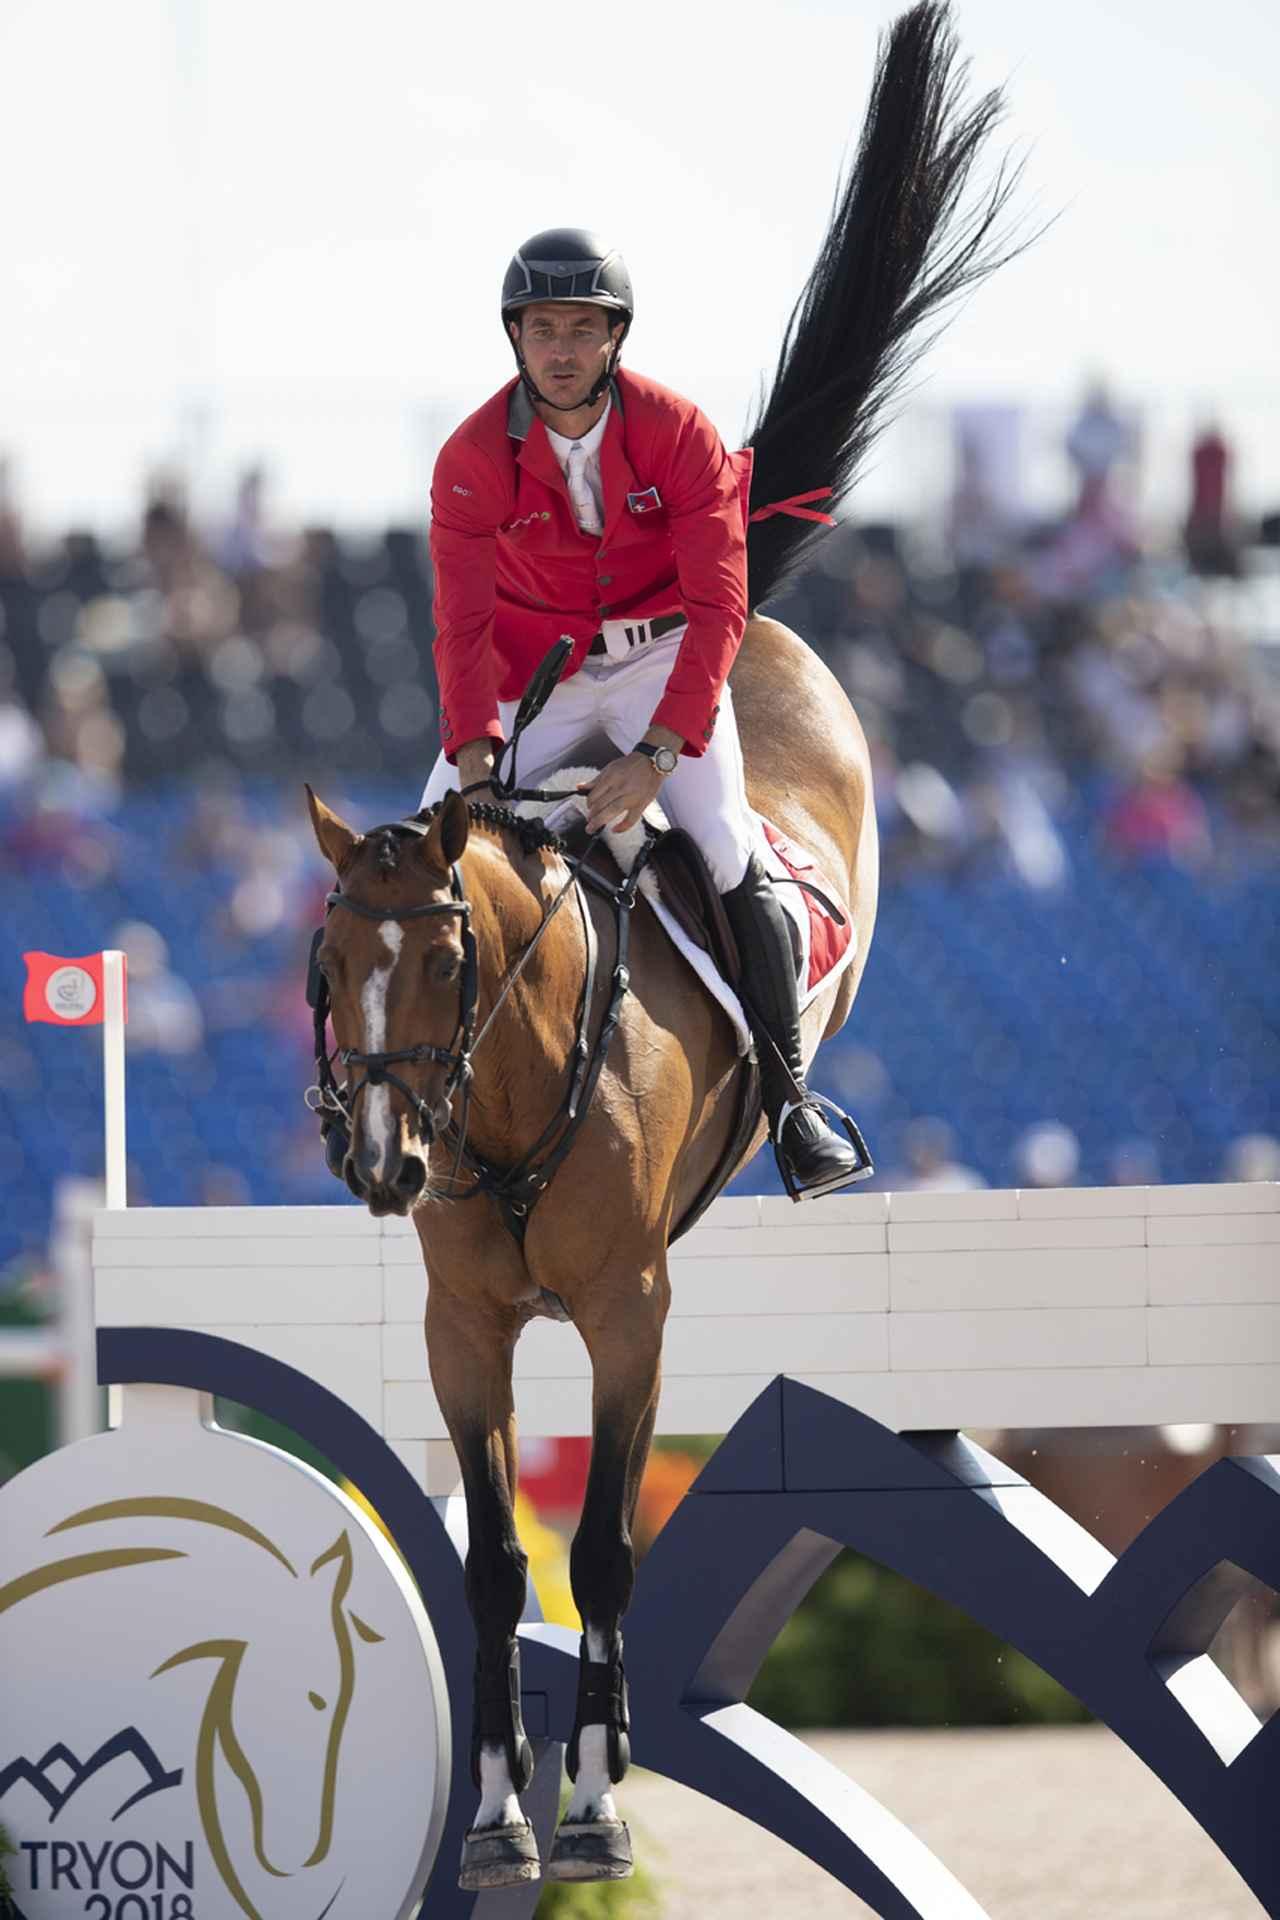 画像2: 残あり!!   スポーツ写真家 中西祐介プロが指導する 『障害馬術撮影セミナー』を開催します! 6月上旬、那須トレーニングファームにおいて、国内の大会では最も大きな障害馬術の大会『那須グランドホースショー』が開催されます。美しい馬体を、迫力ある馬の飛翔姿を、カメラでとらえてみませんか? 指導するのはオリンピックを始め、数々の世界のスポーツ競技を撮っている写真家・中西祐介氏。スポーツを愛する写真愛好家の皆様のご応募、お待ちしております。